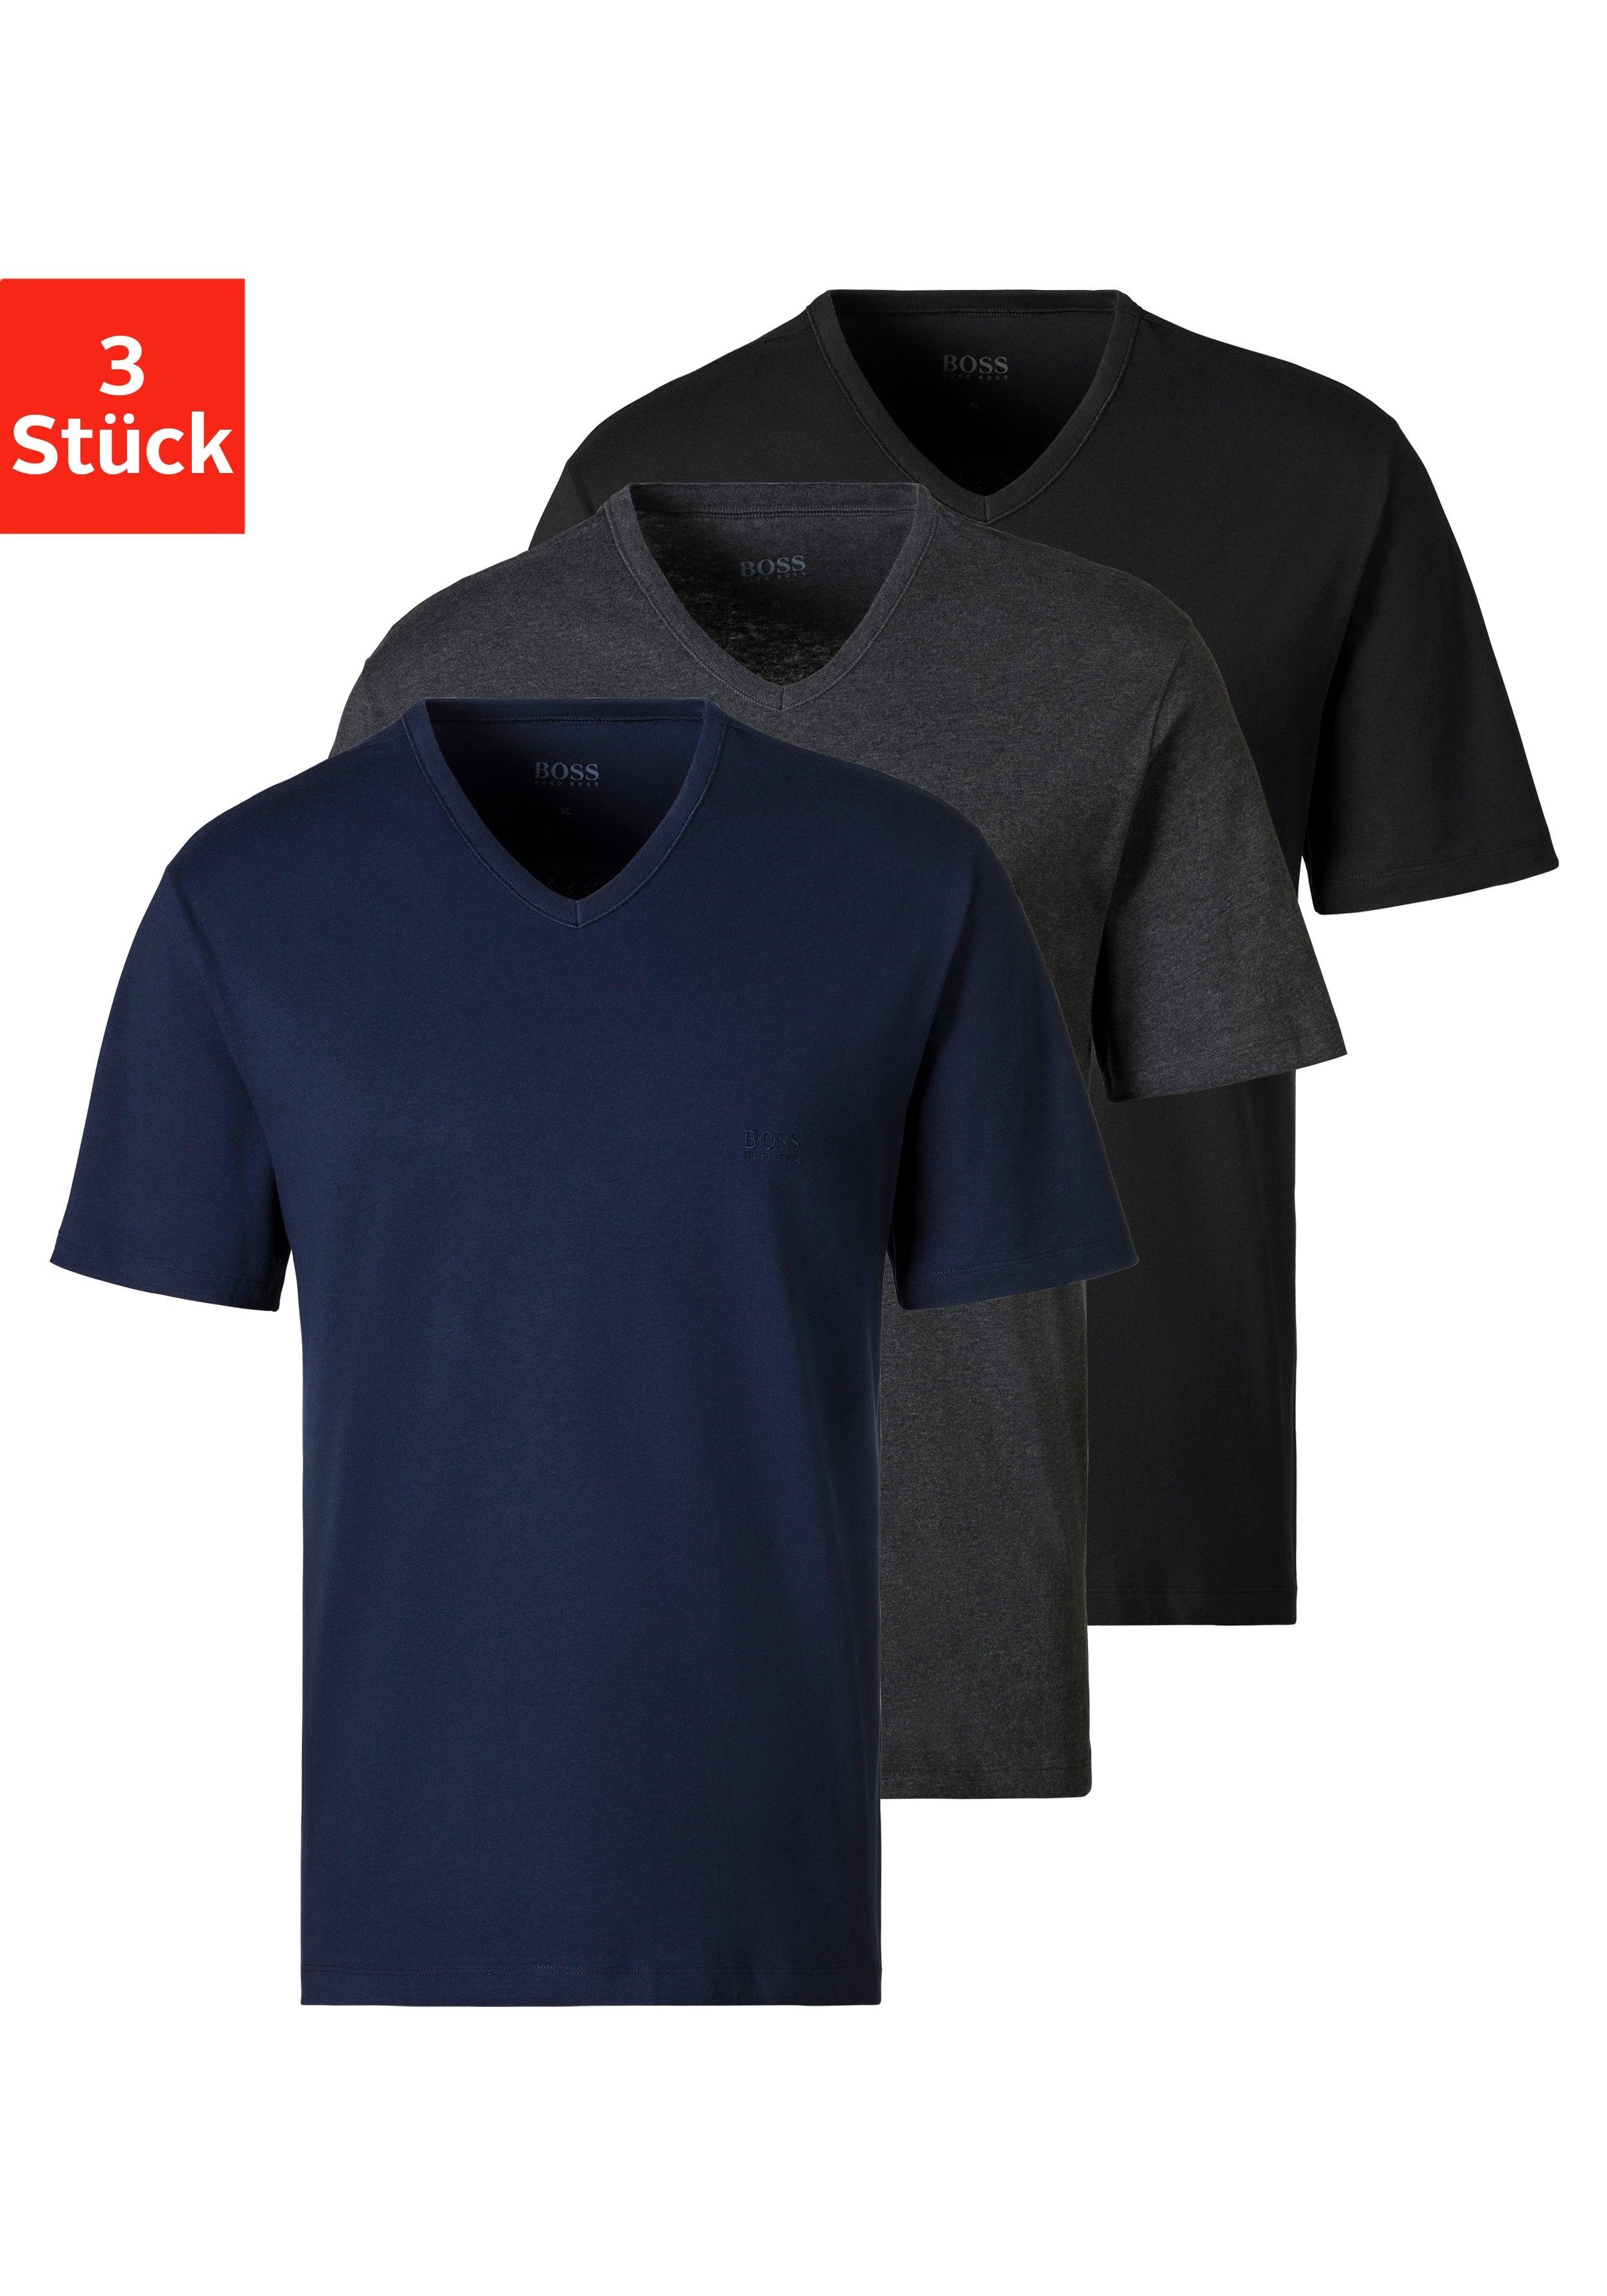 Boss T-shirt nu online kopen bij OTTO